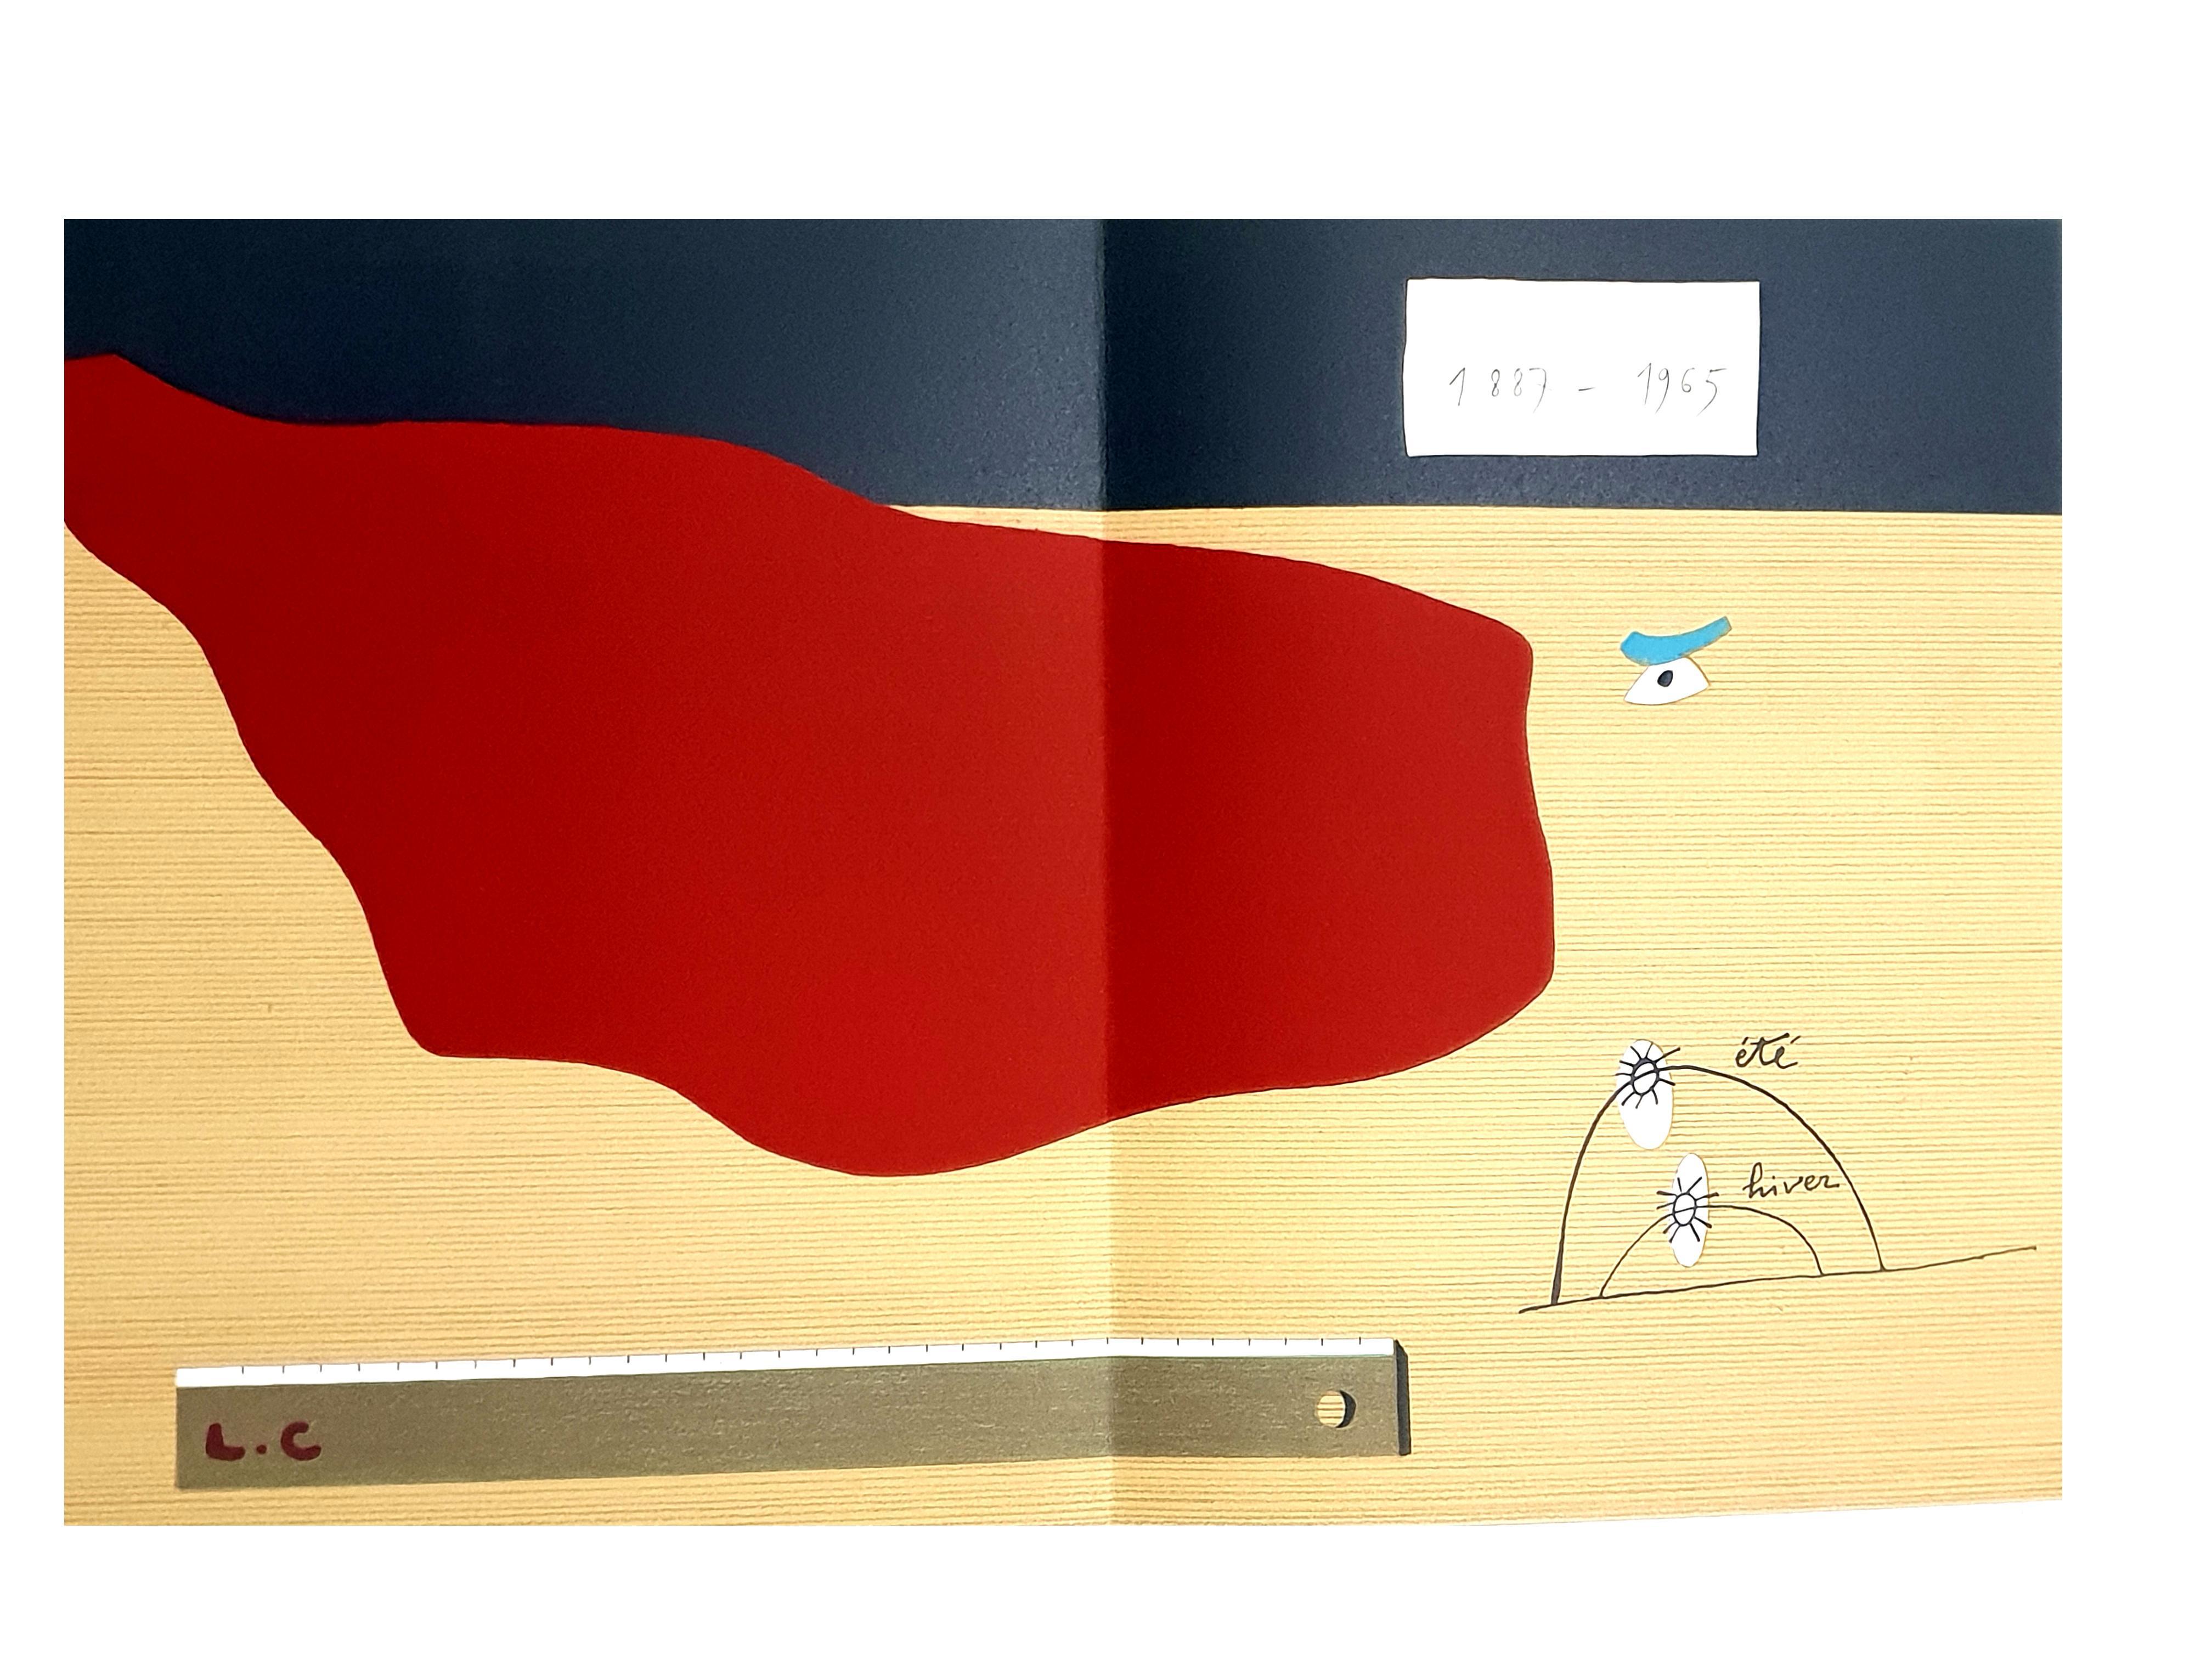 Eduardo Arroyo - Homage to Le Corbusier - Original Lithograph